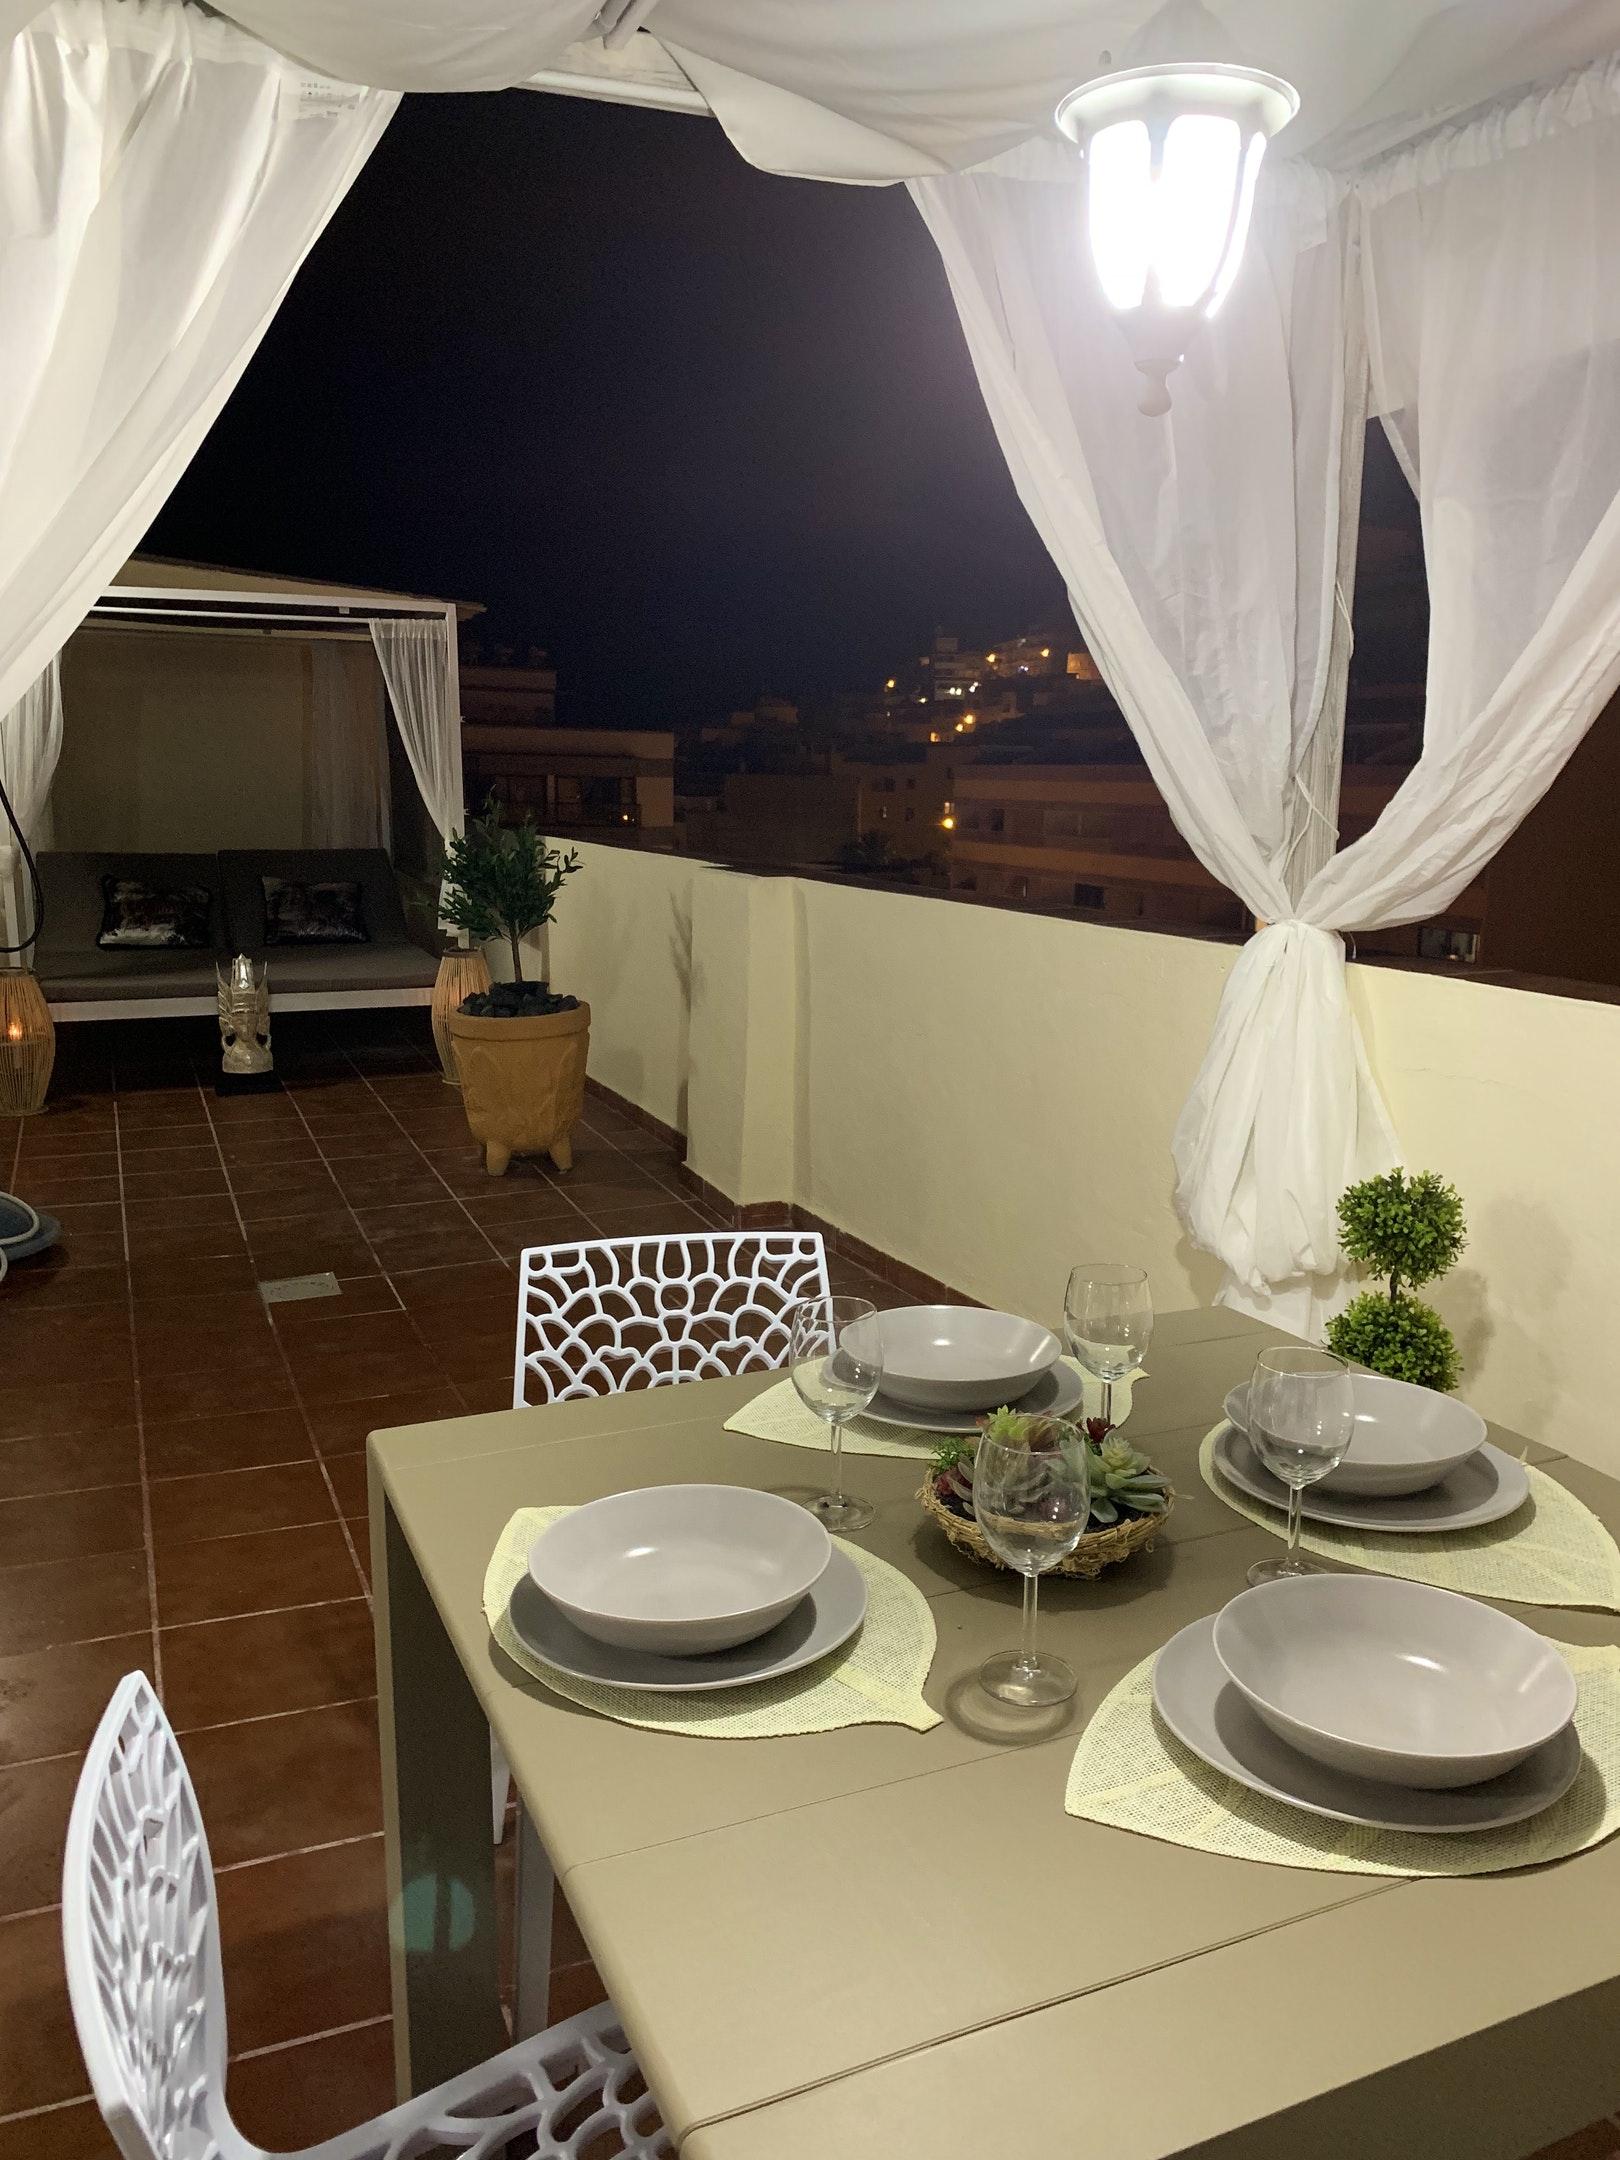 Appartement de vacances Wohnung mit 2 Schlafzimmern in Los Cristianos mit toller Aussicht auf die Berge, eingezäun (2202481), Los Cristianos, Ténérife, Iles Canaries, Espagne, image 16